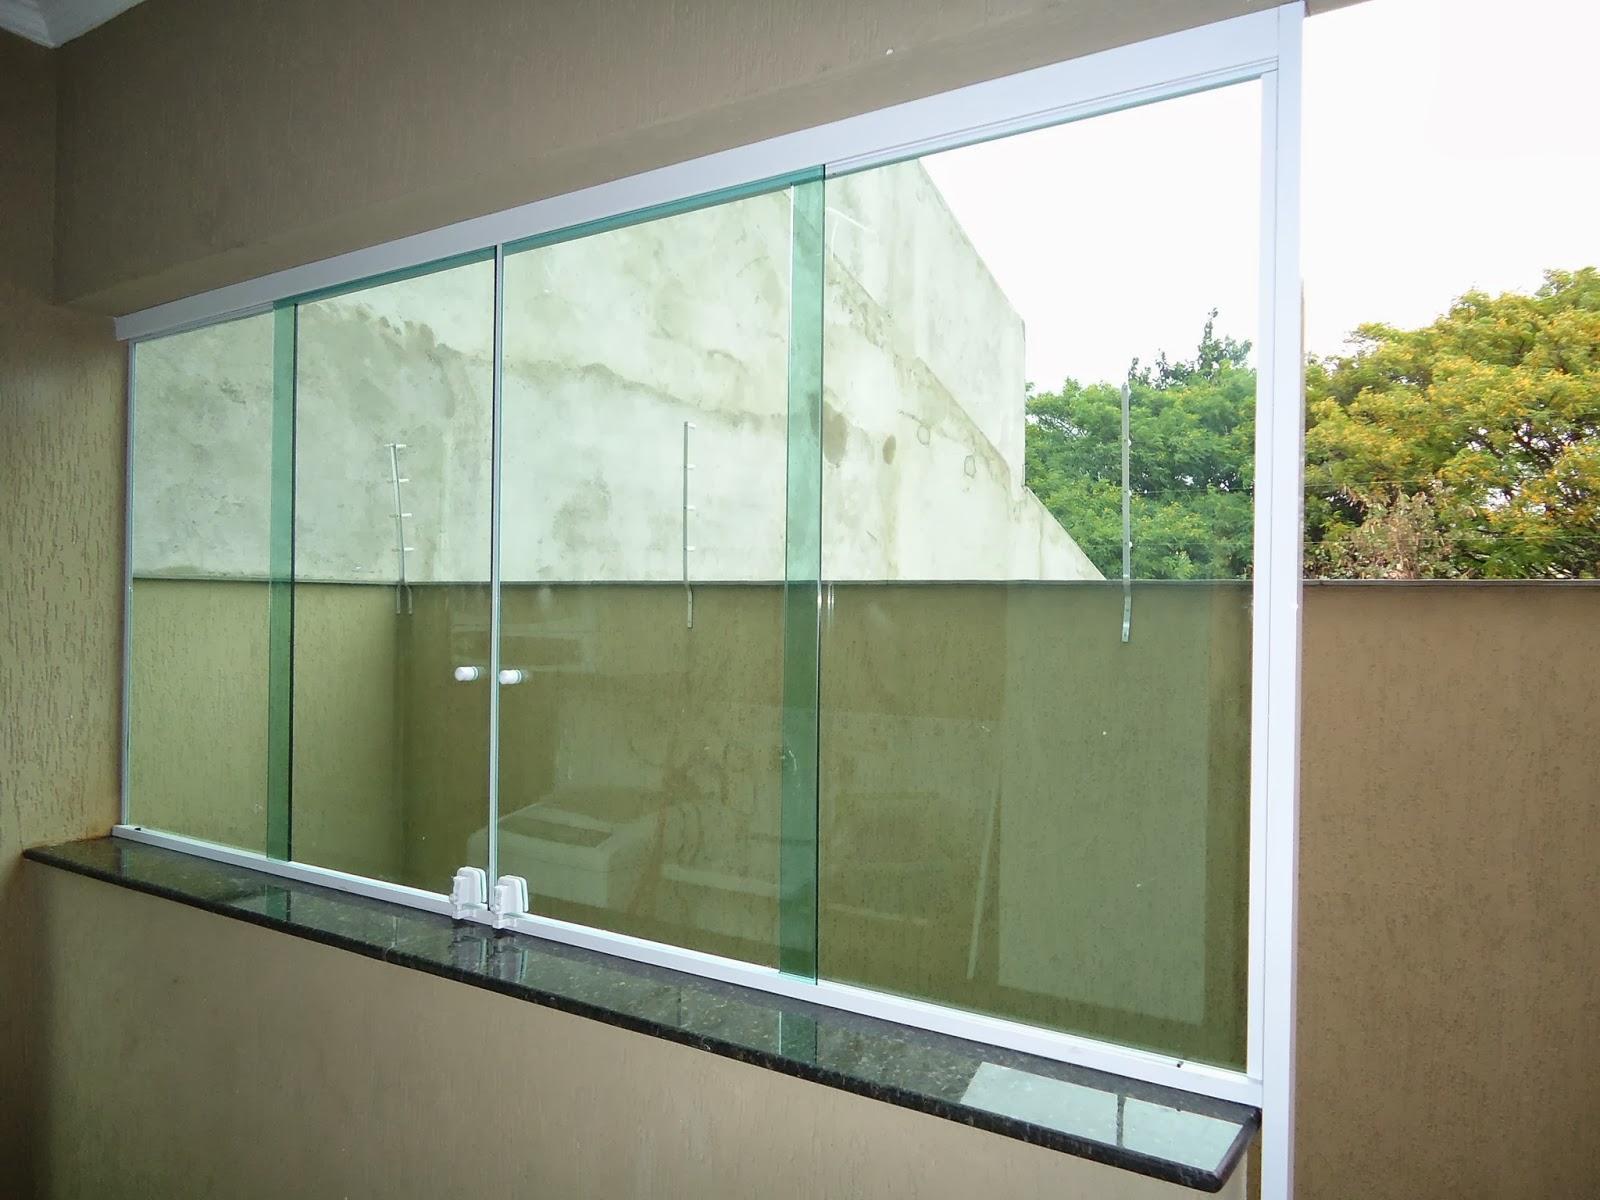 #818447 IC Vidros Design: Janelas e fechamento de Área e Varanda 114 Janelas De Vidro Em São Luis